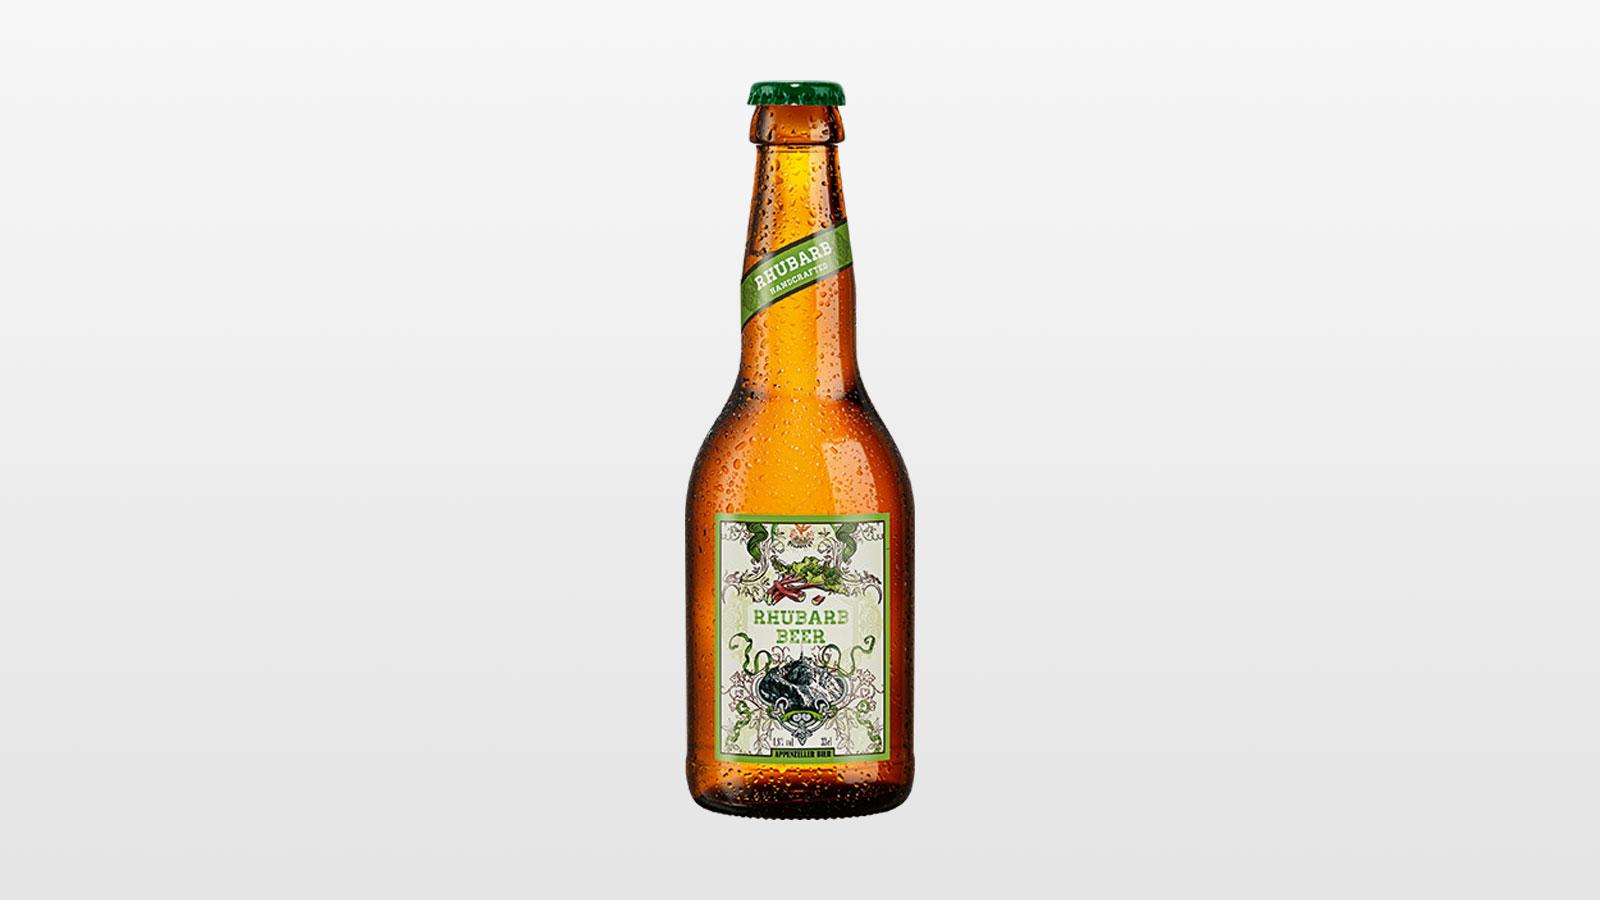 Rhubarb Beer